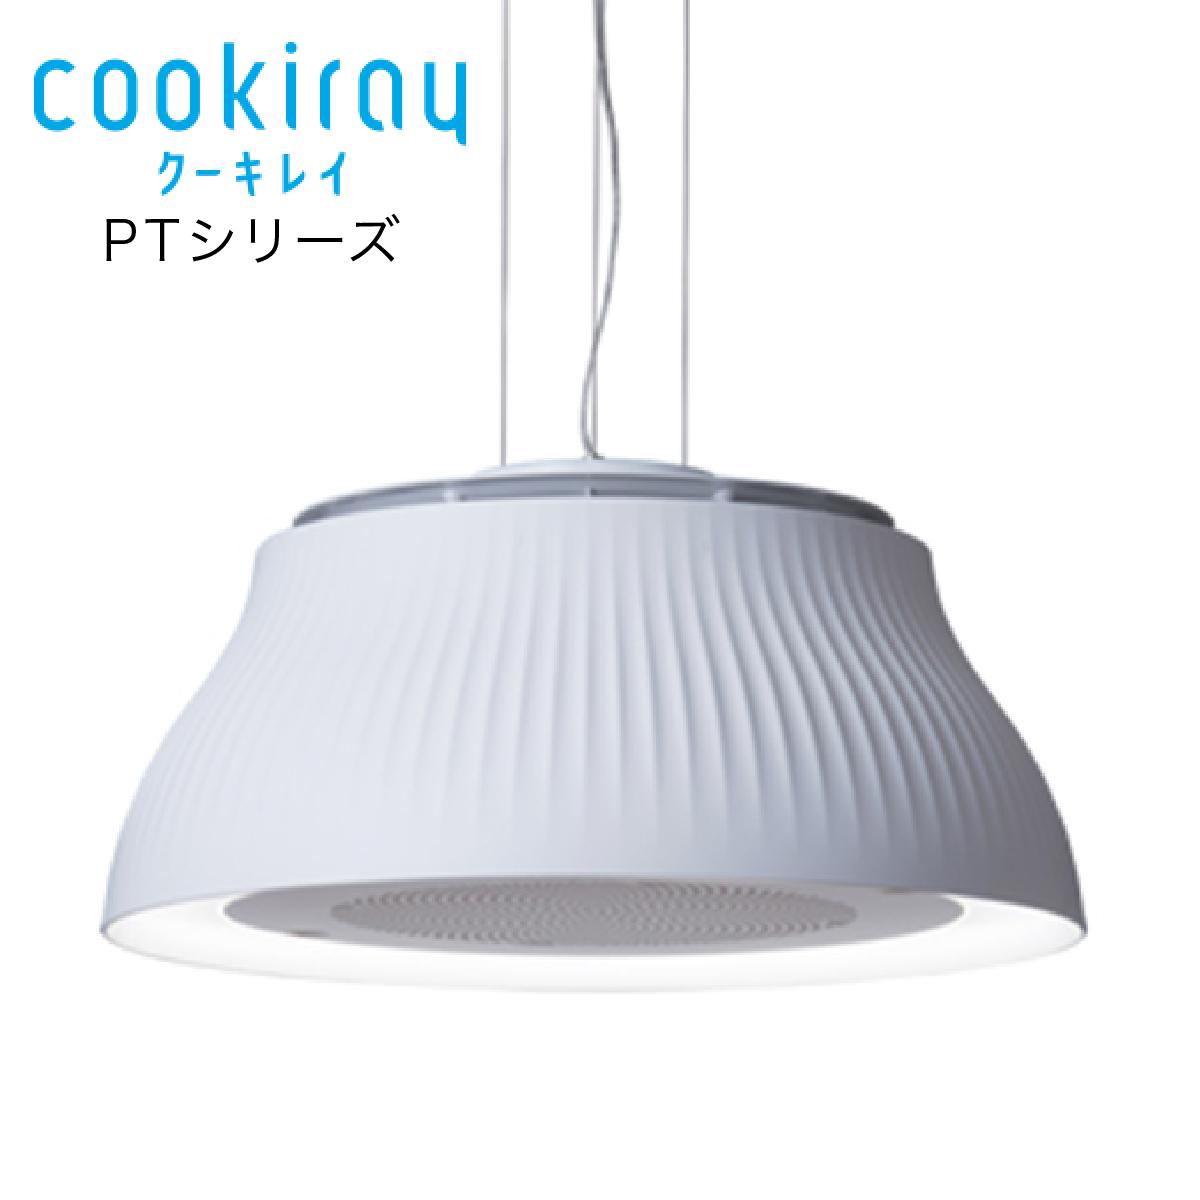 富士工業 [ Cookiray ] クーキレイ PTシリーズ ホワイト / ブラック C-PT511-W / BK ダイニング照明 空気清浄